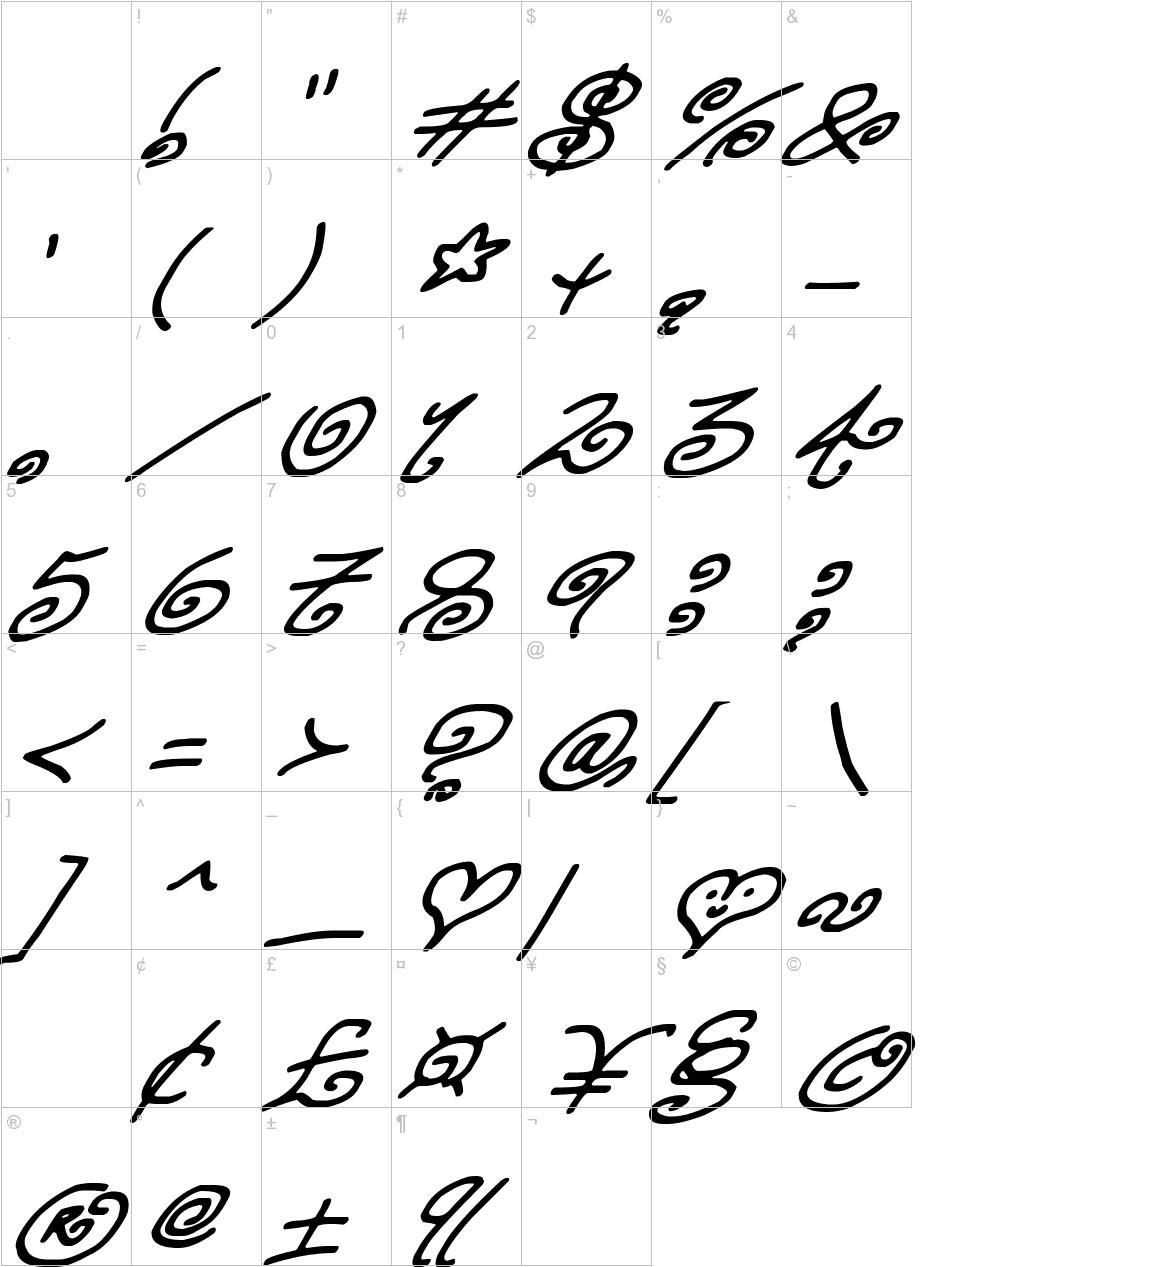 Kurly Kyoots Italic characters